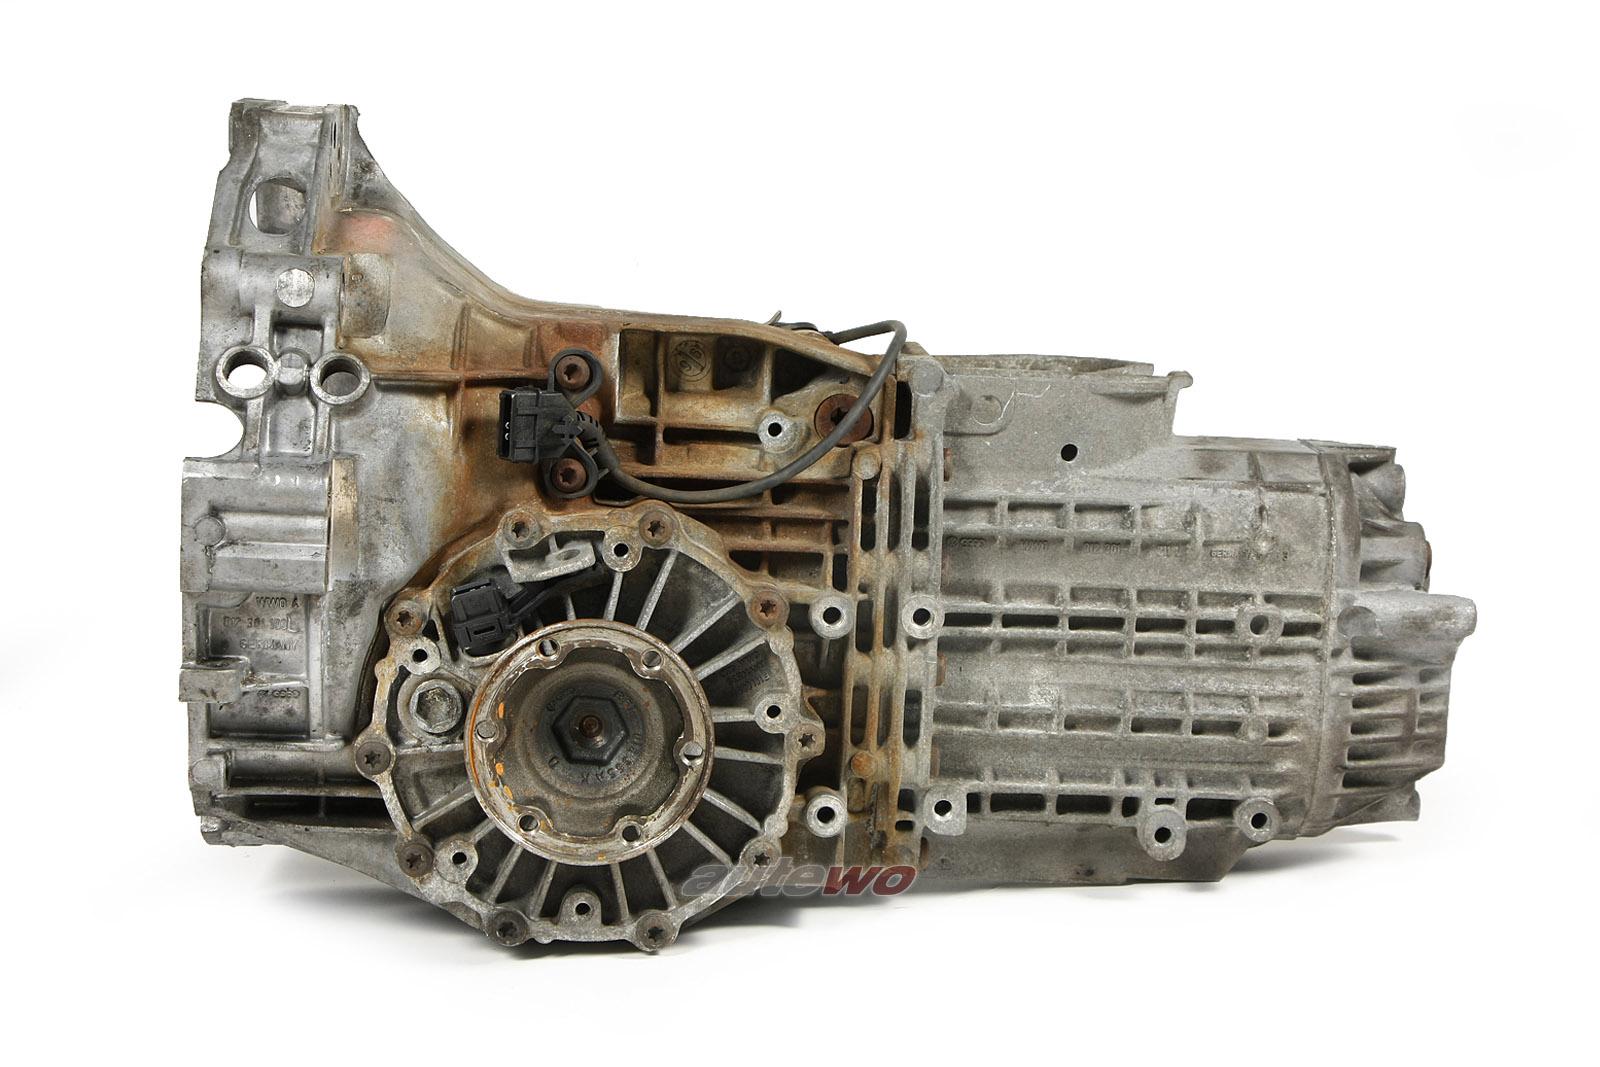 012300049FX Audi/VW A4 B5/Passat 1.8l Schaltgetriebe 5-Gang CTE 08056